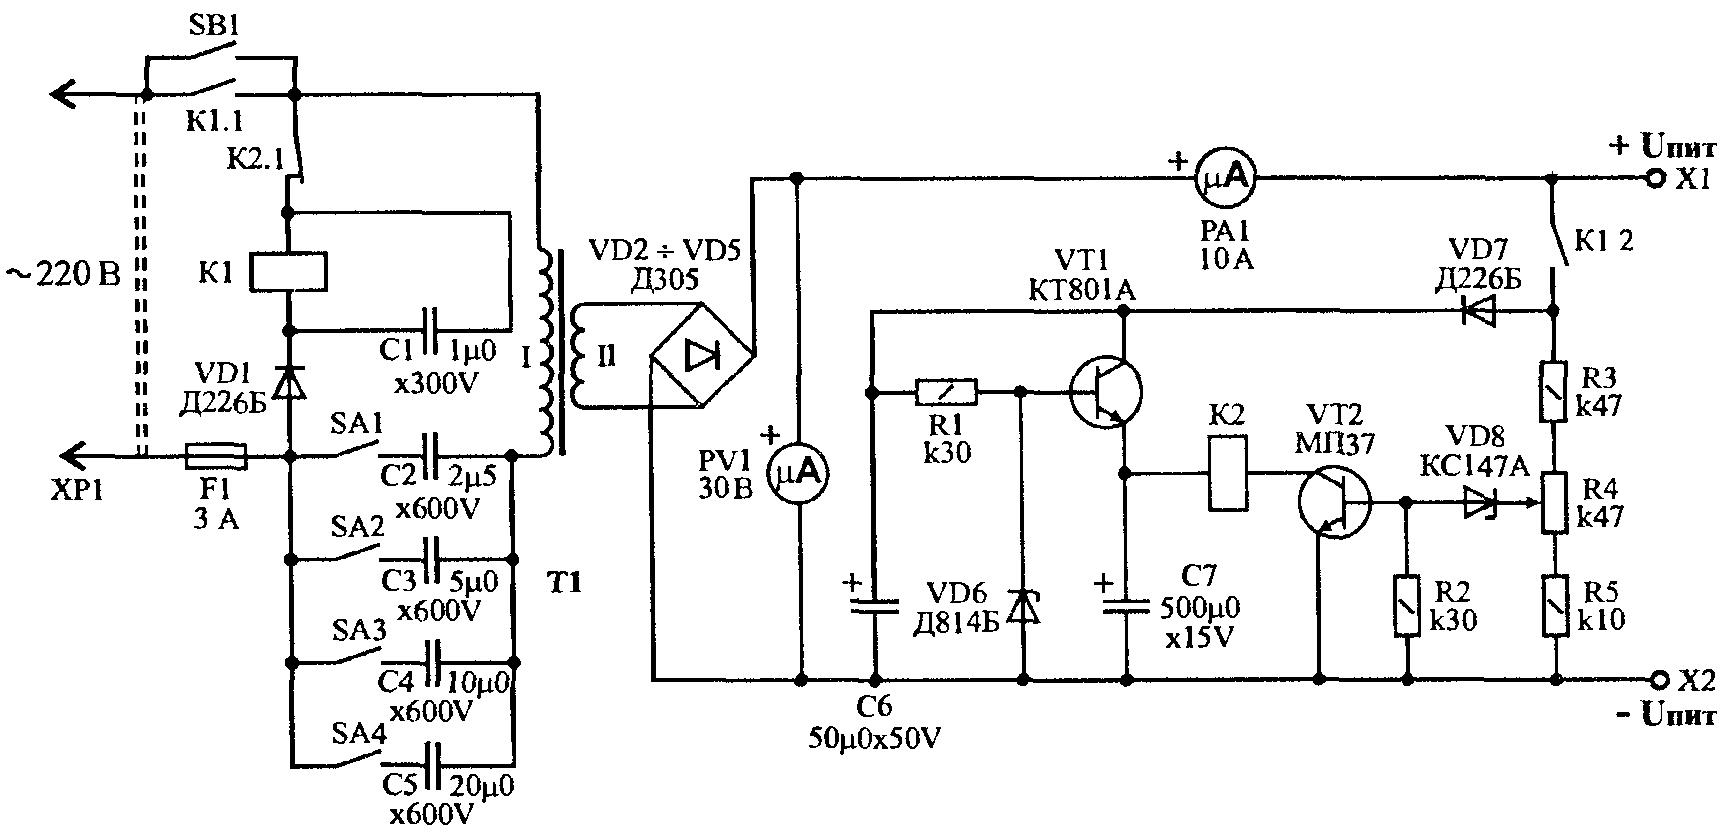 схема автоматического зарядного устройства для аккумуляторных батарей